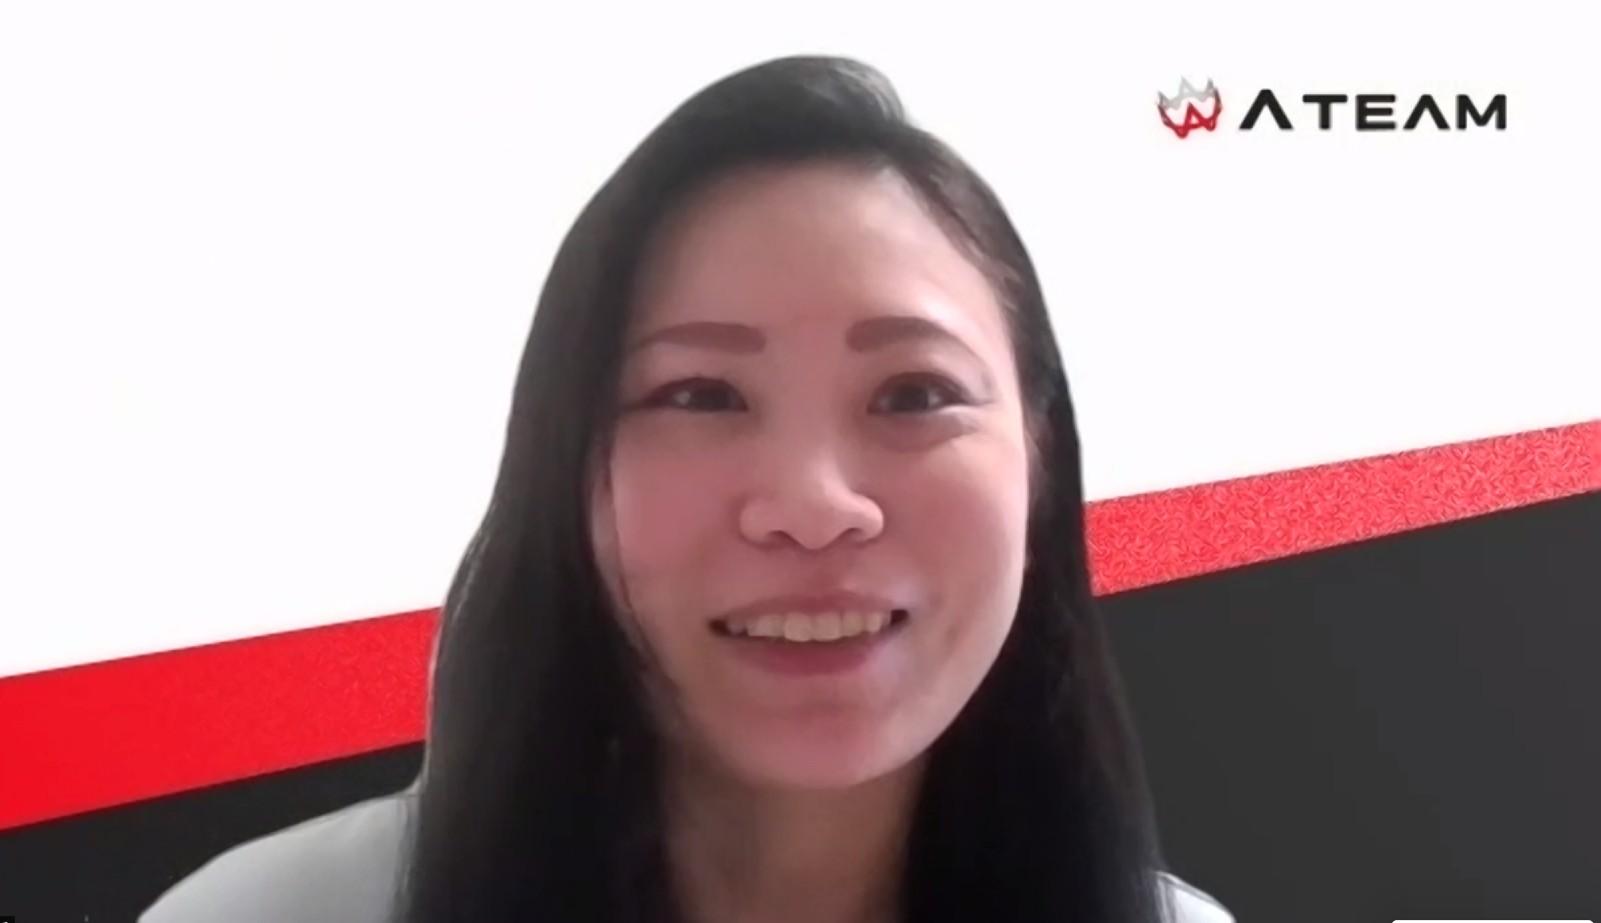 株式会社エイチーム 安藤 春香さん